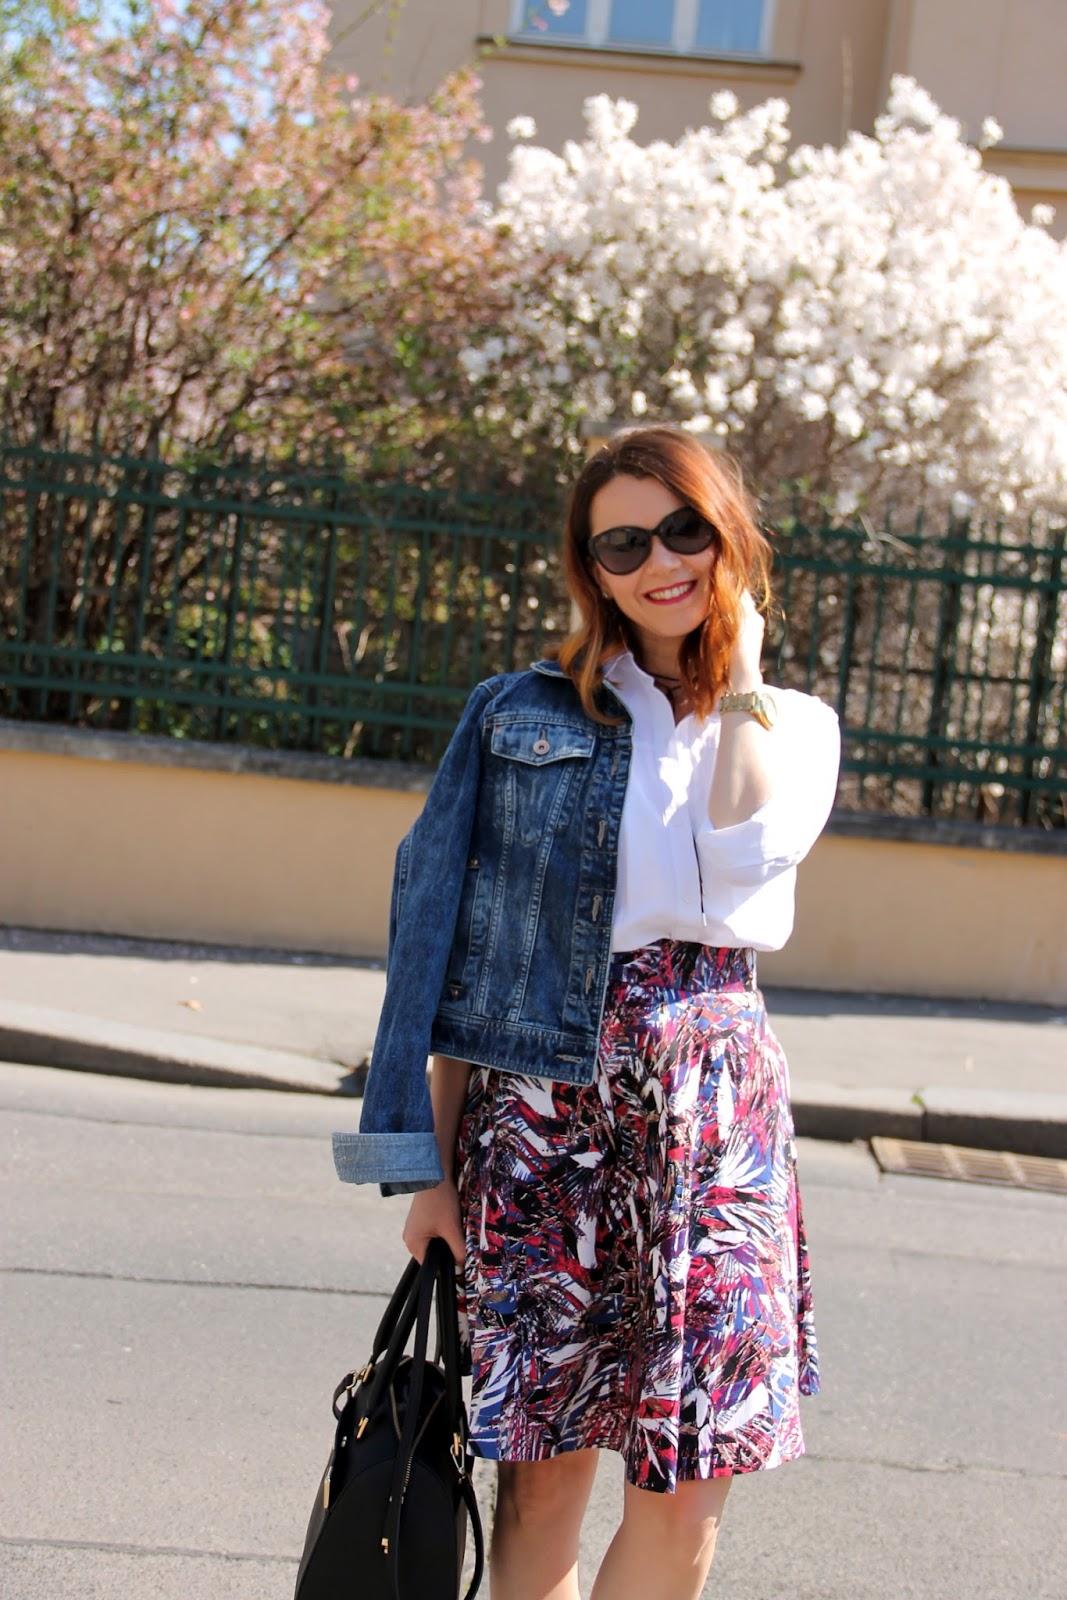 a30345629 Kruhová sukňa: MargiFashion, Biela košeľa: Zara, Denimová bunda: Next,  Lodičky: Guess, Kabelka: Calvin Klein, Slnečné okuliare: Ralph Lauren